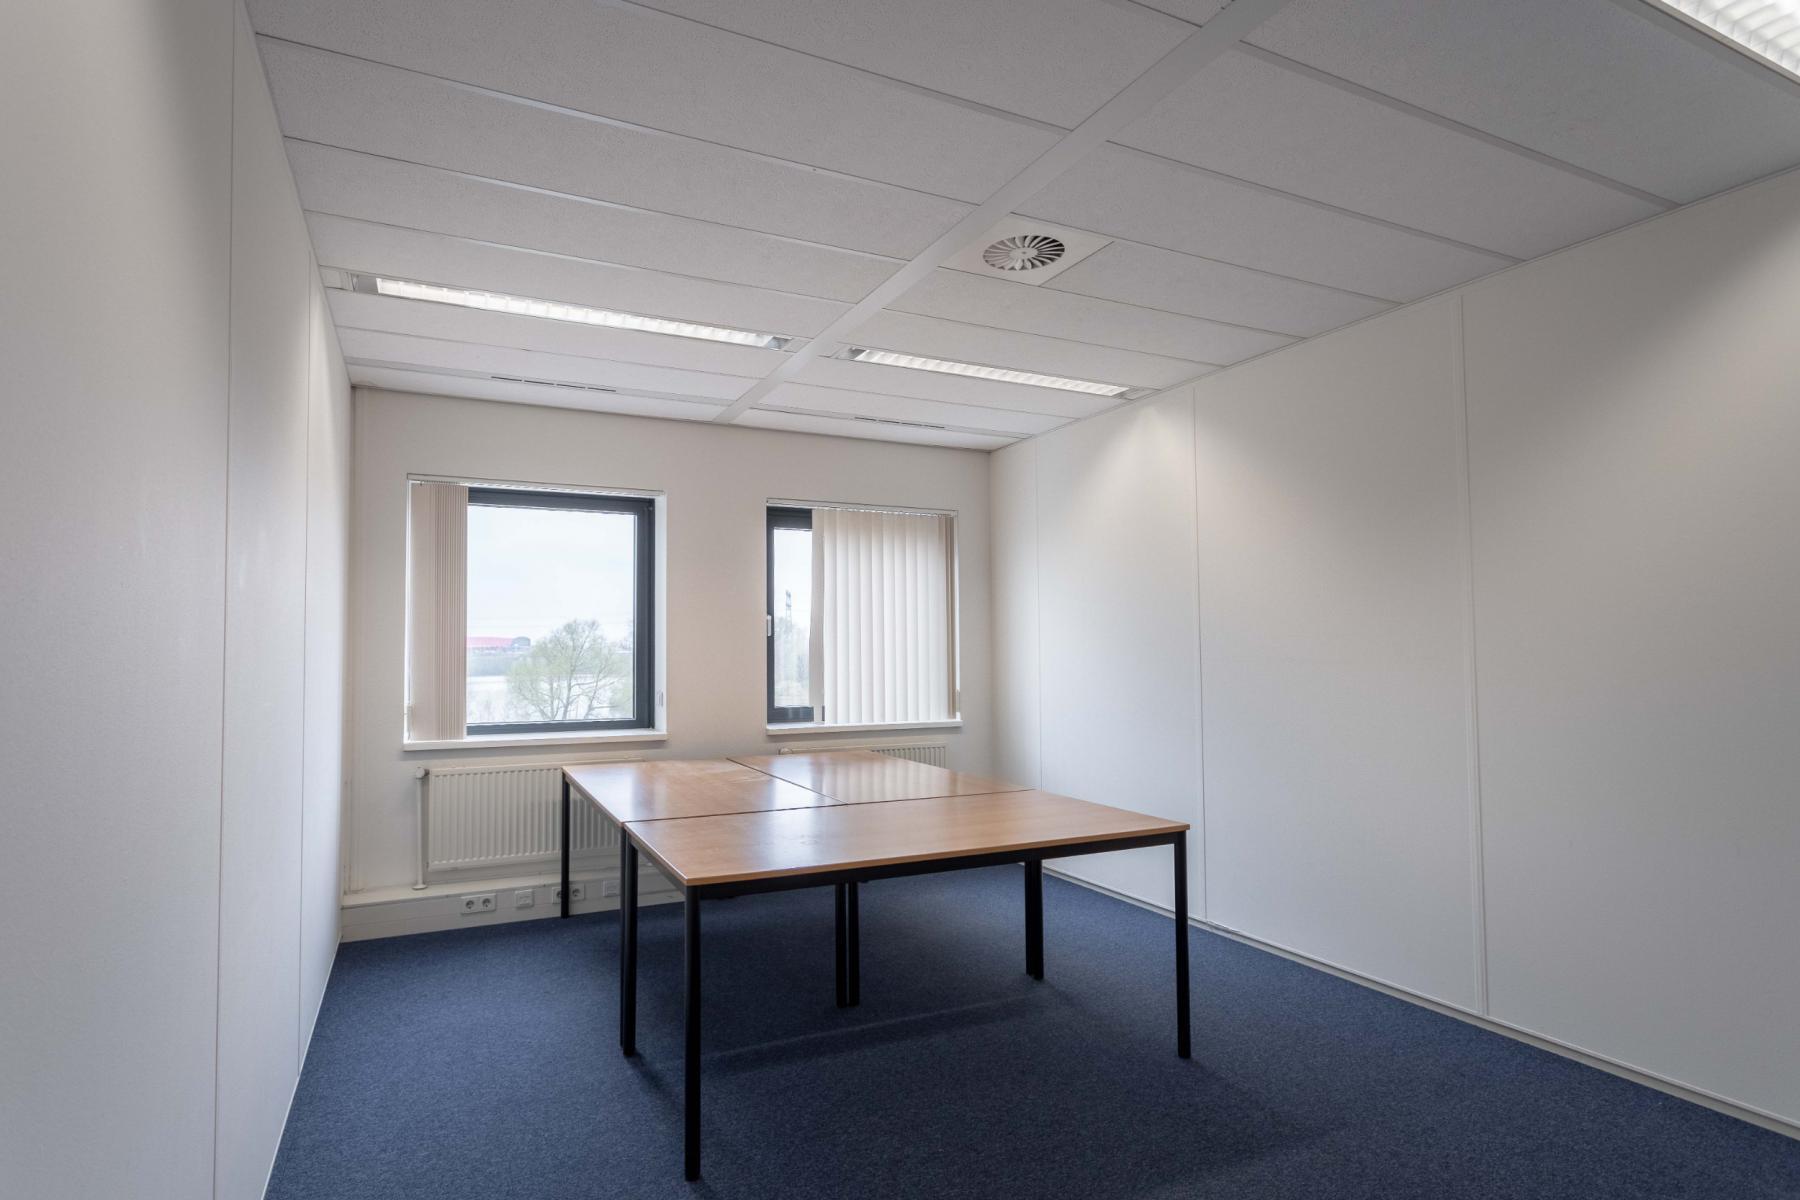 Rent office space Atoomweg 63, Utrecht (34)